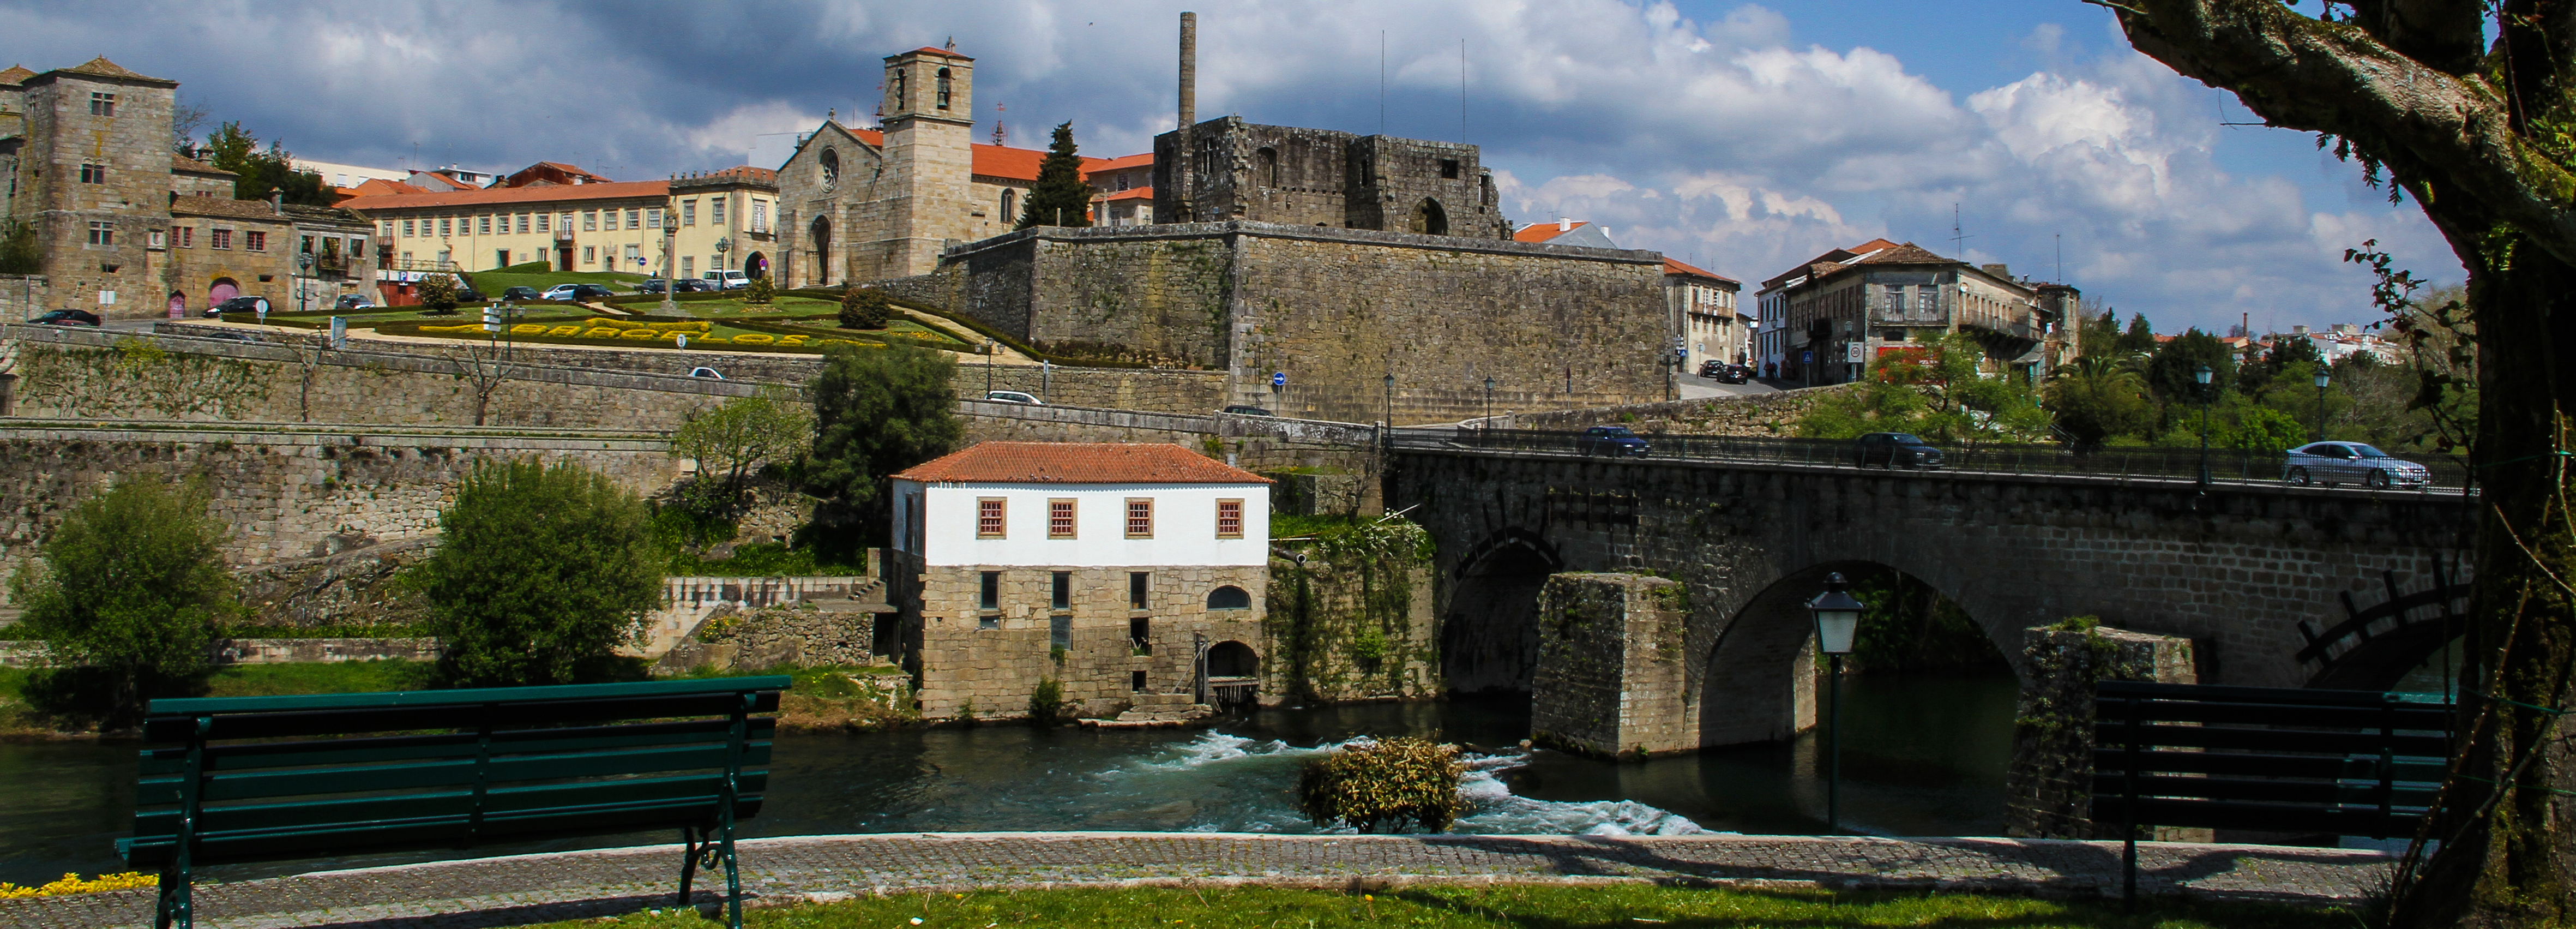 Orçamento municipal para 2019 ascende a mais de 68 milhões euros